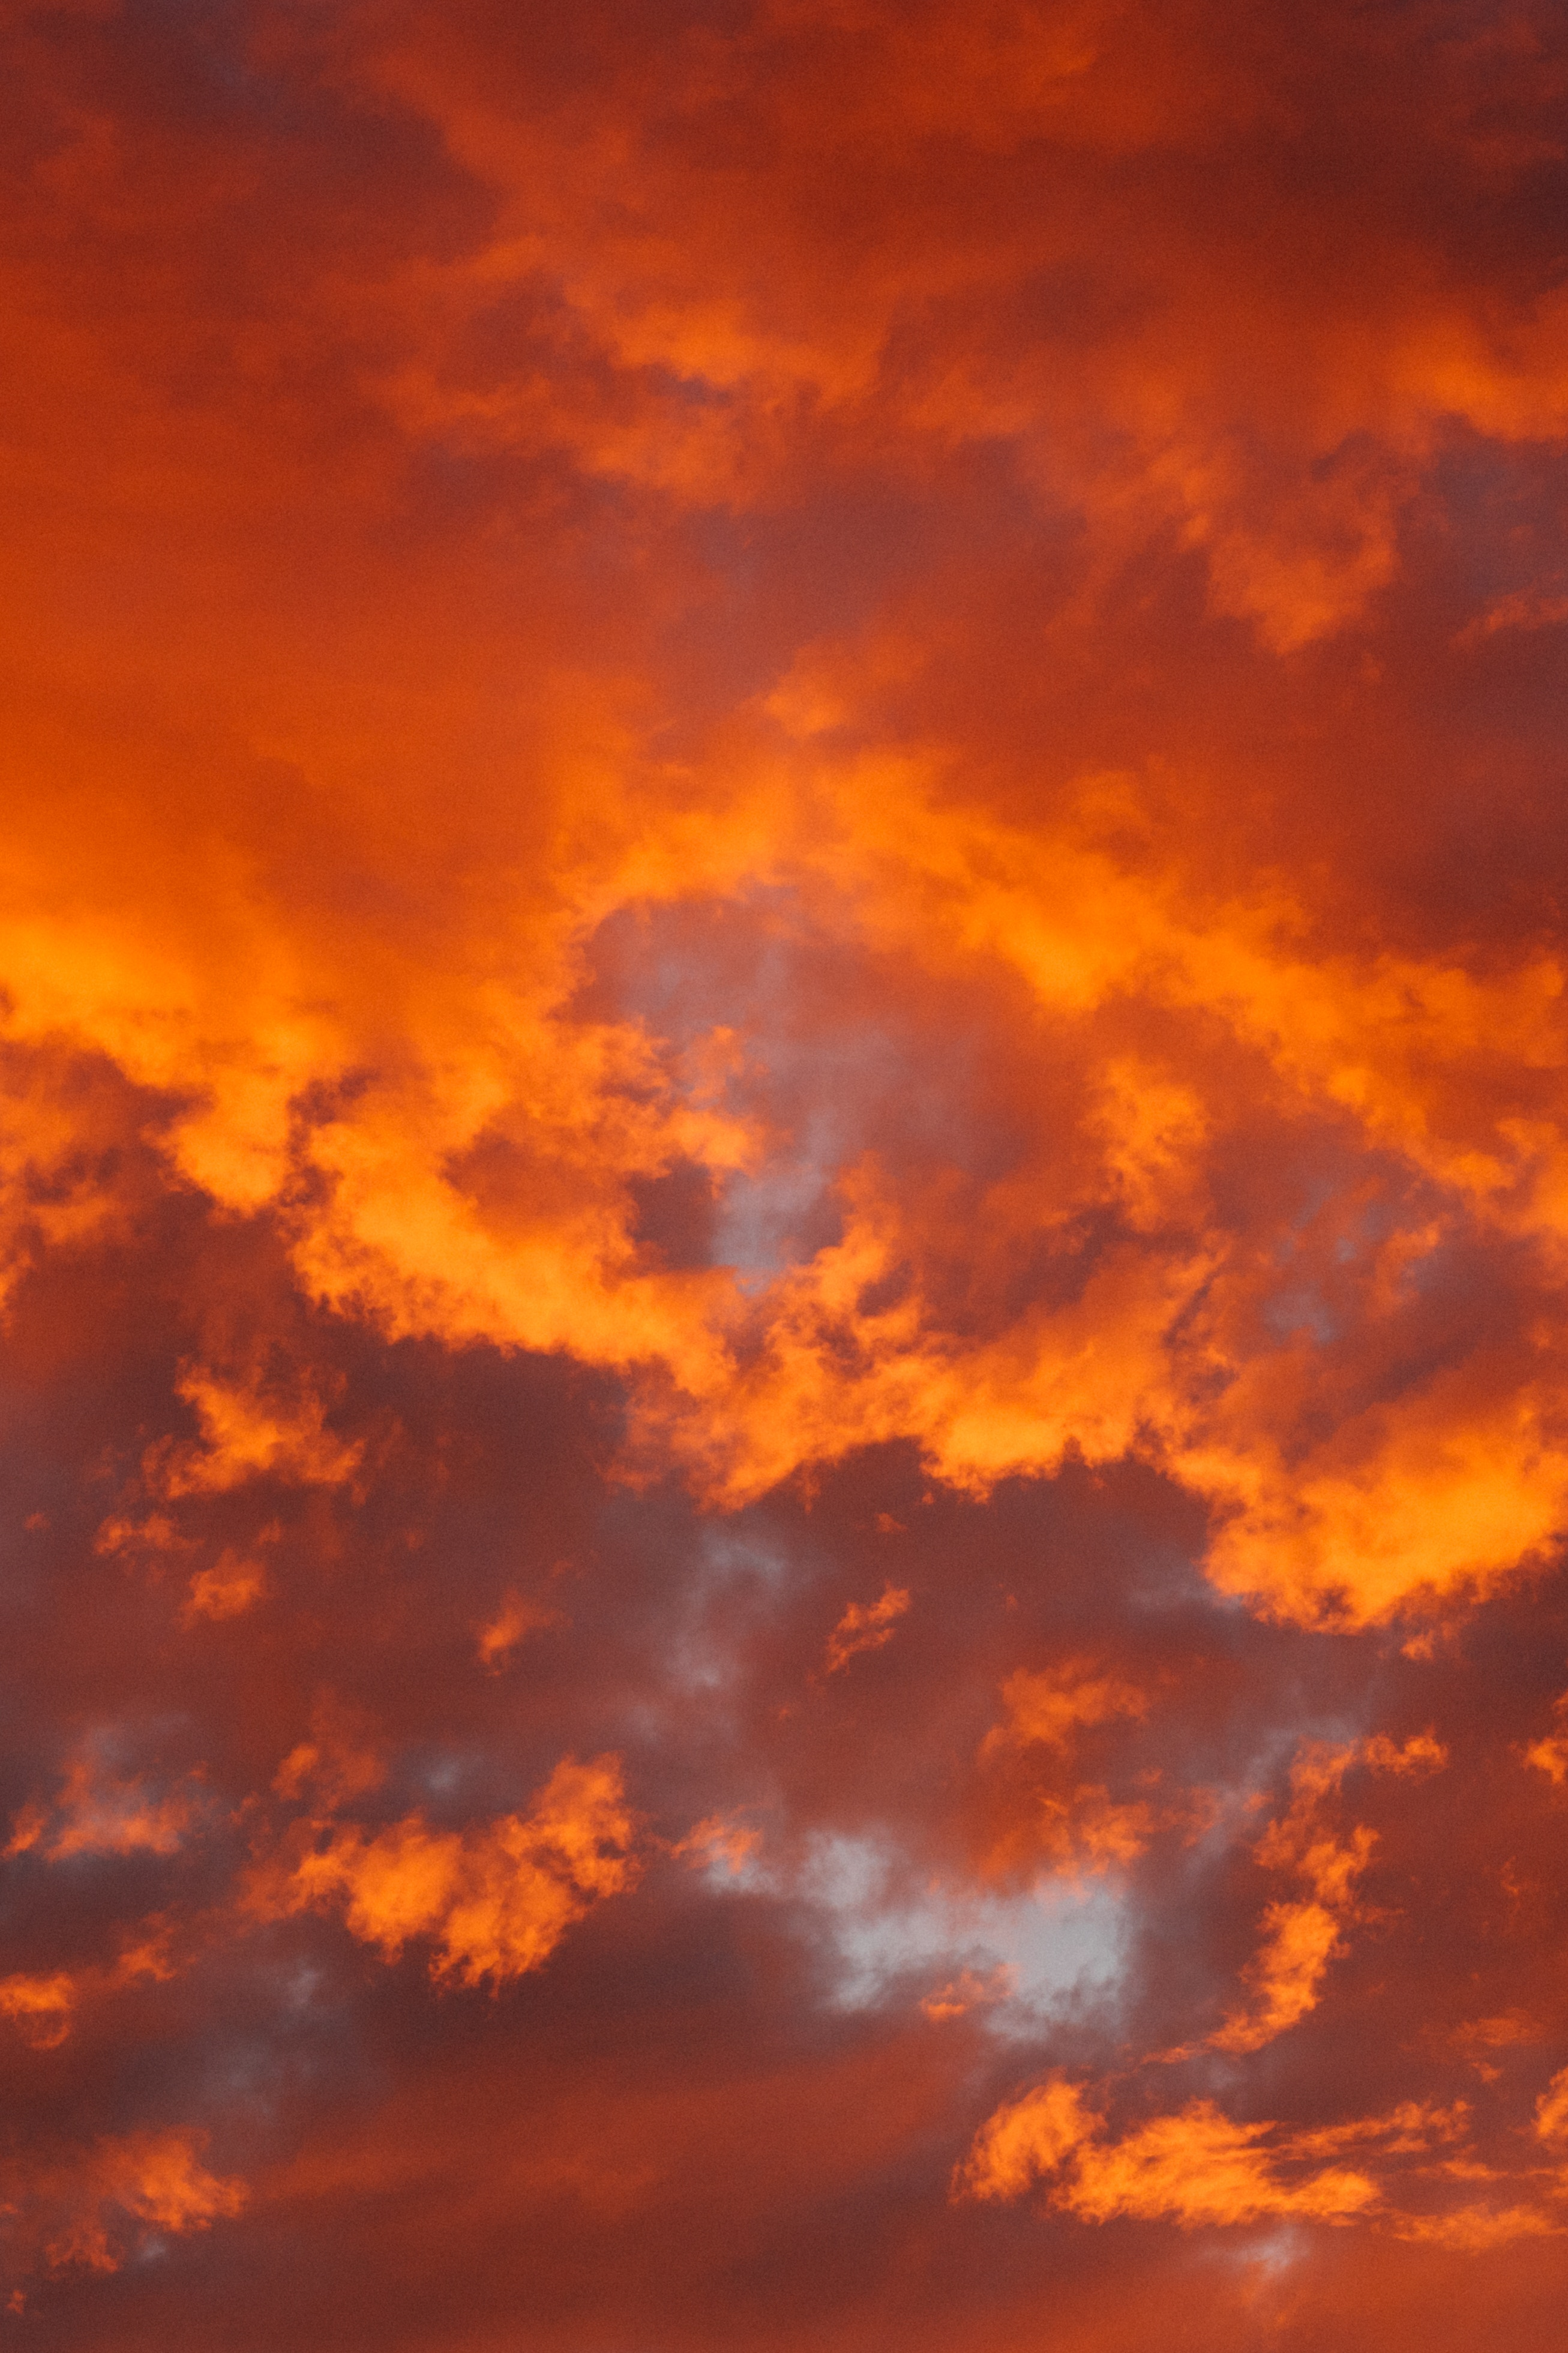 57392 скачать Оранжевые обои на телефон бесплатно, Природа, Облака, Оранжевый, Огненный, Пористый Оранжевые картинки и заставки на мобильный